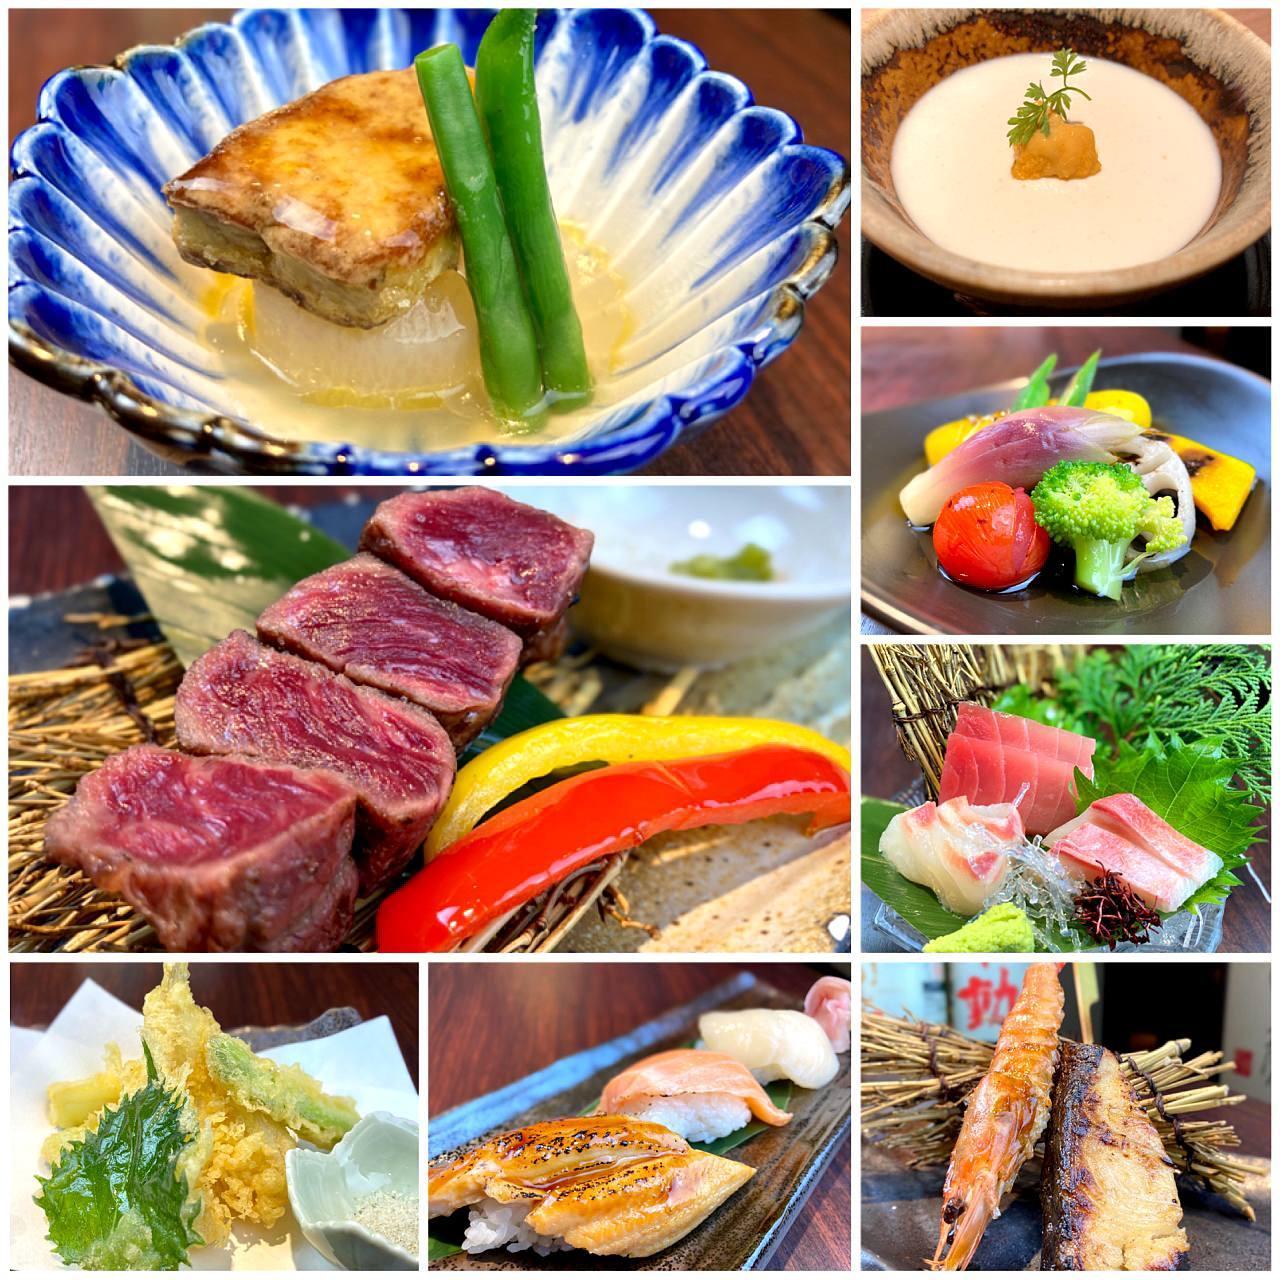 《ちょっと贅沢に♪全ての料理をお1人様ずつご提供》◆全8品の冬月コース◆4,900円(税込)